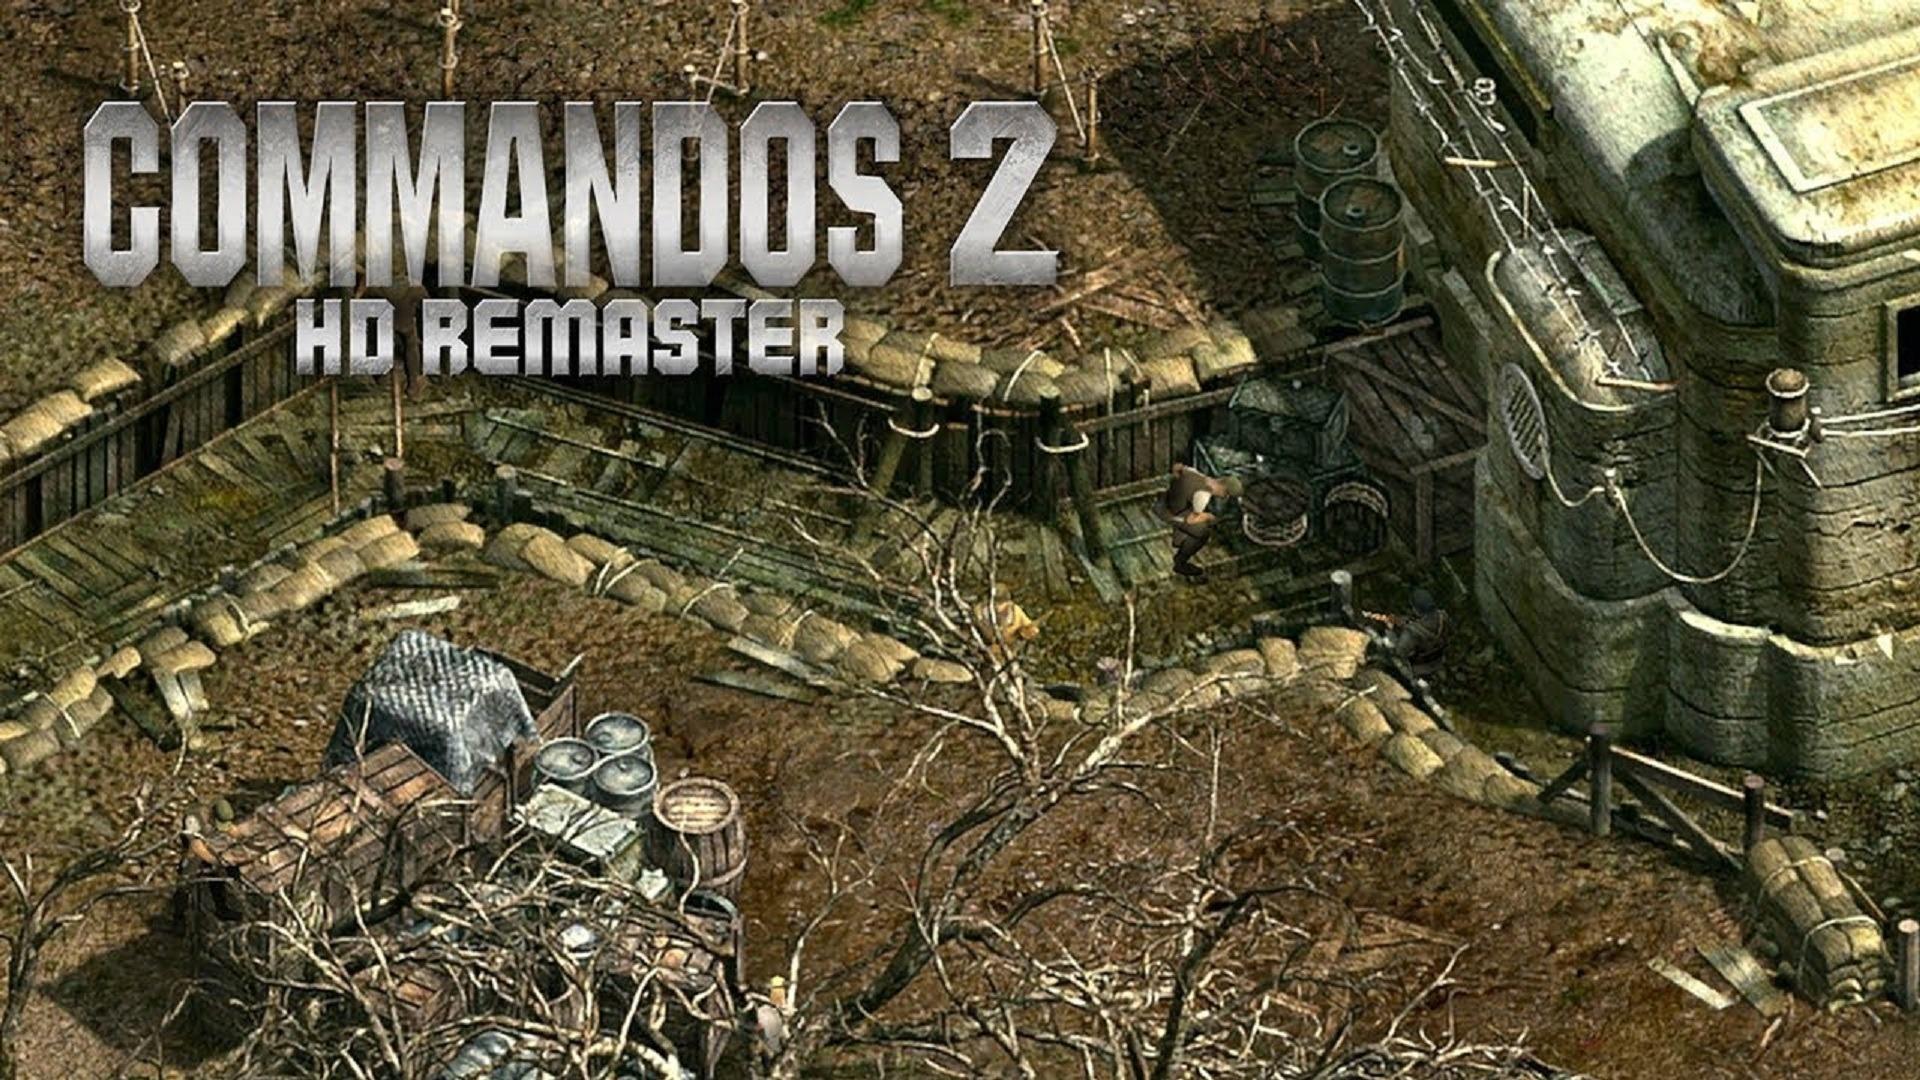 Commandos 2 Remaster Praetorians Remaster Kalypso Media Yippee! Entertainment Torus Games